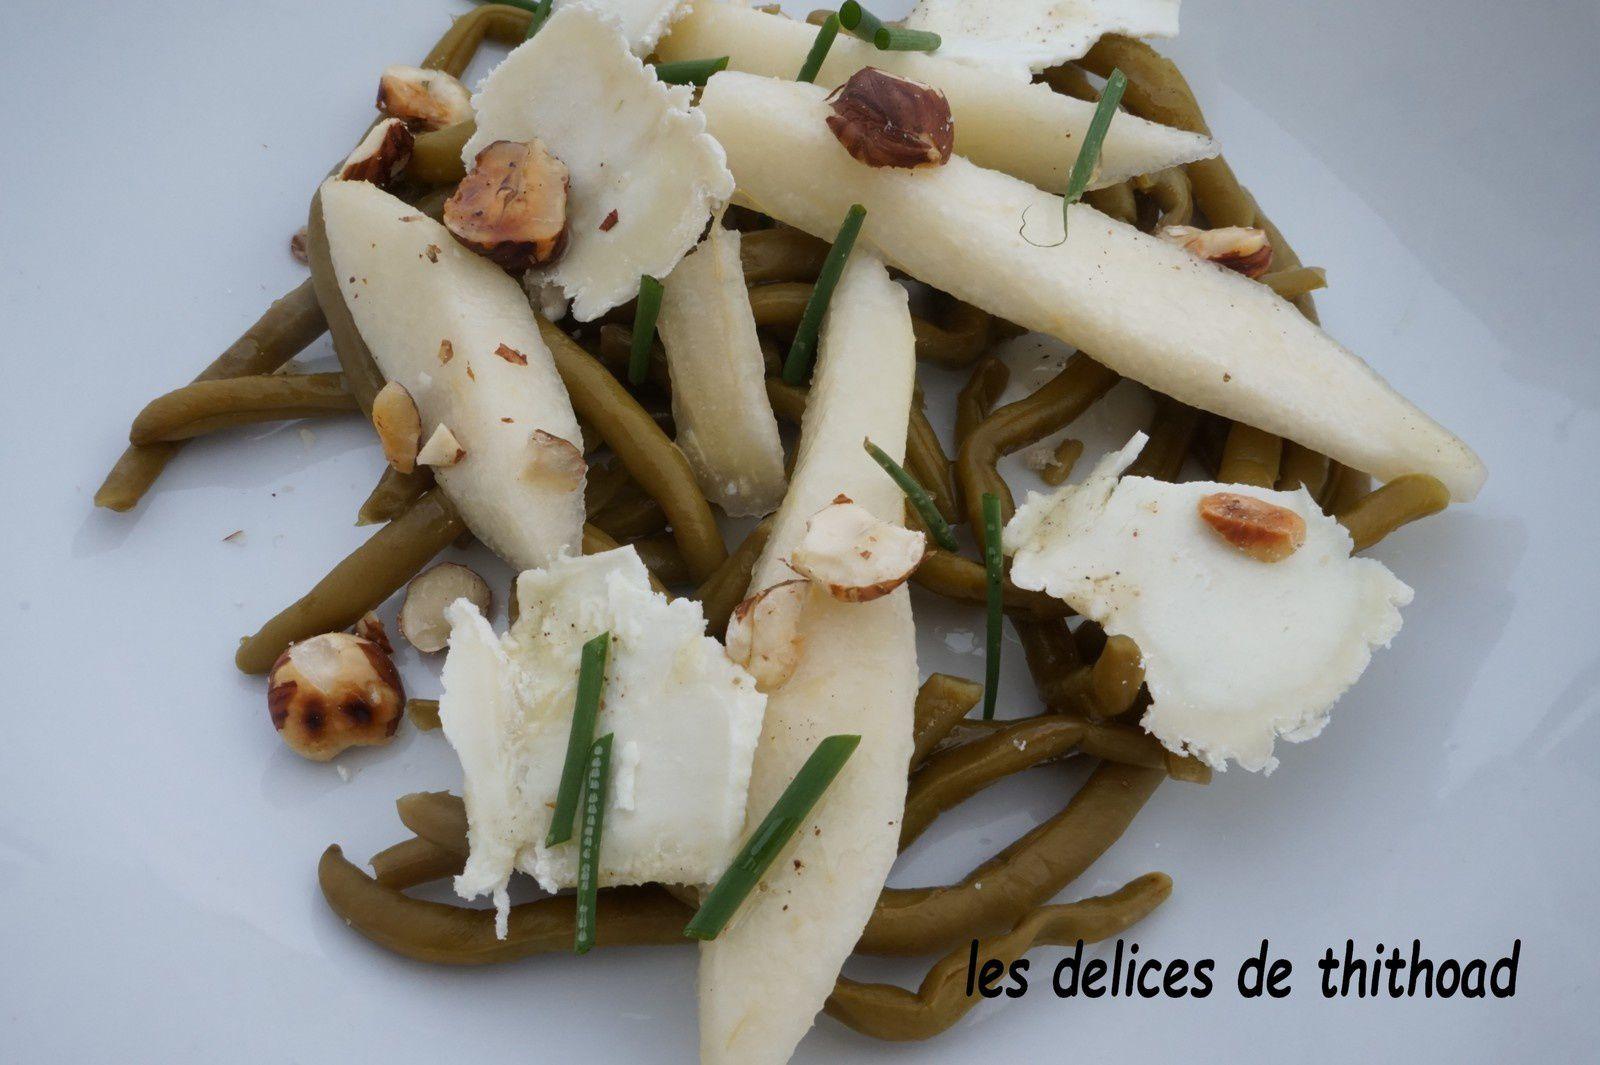 salade haricots, chèvre sec, poire et noisettes